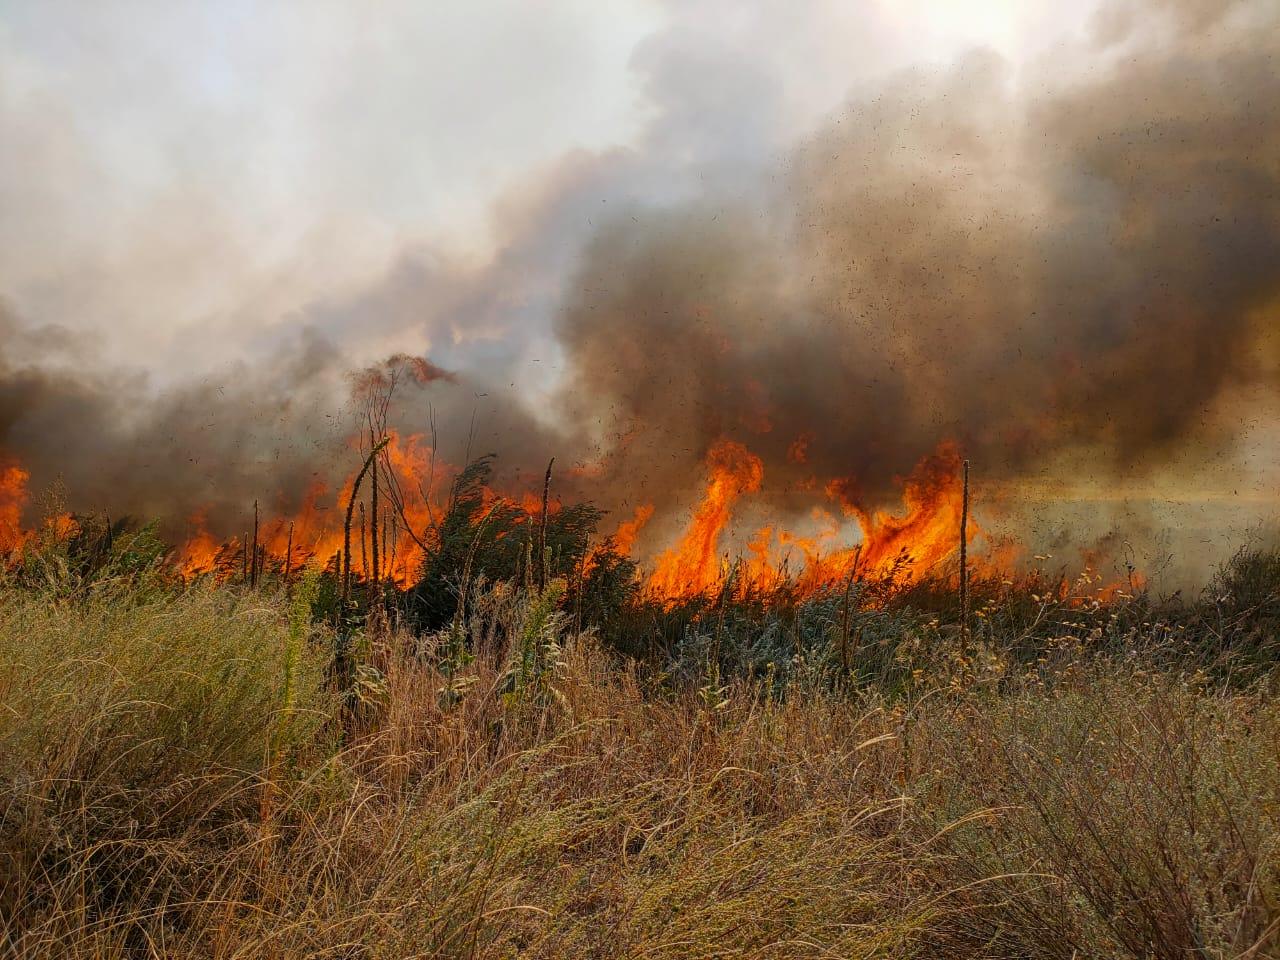 картинки пожару нет рассказал